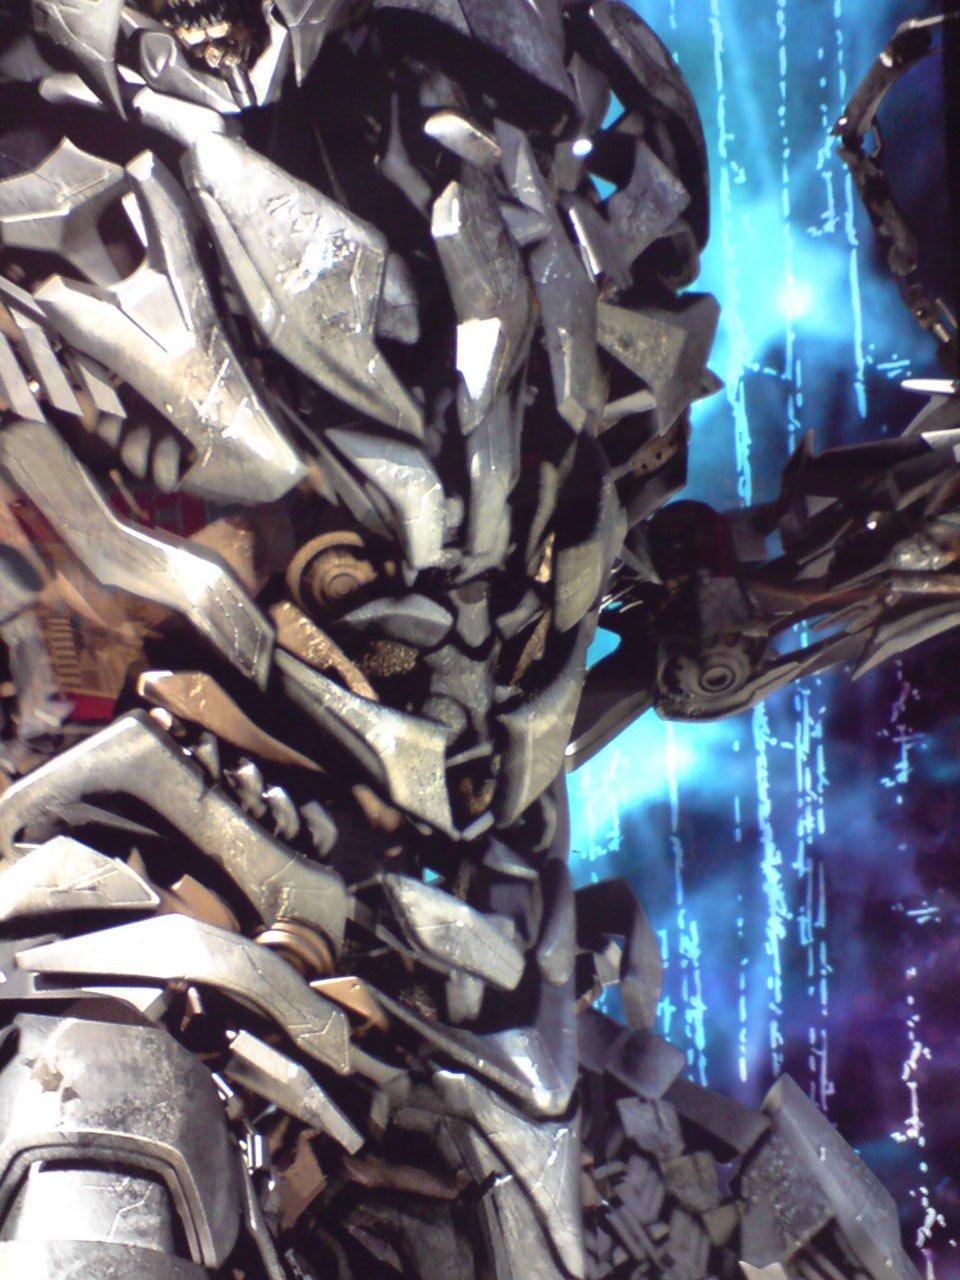 Kkiste Transformers 2